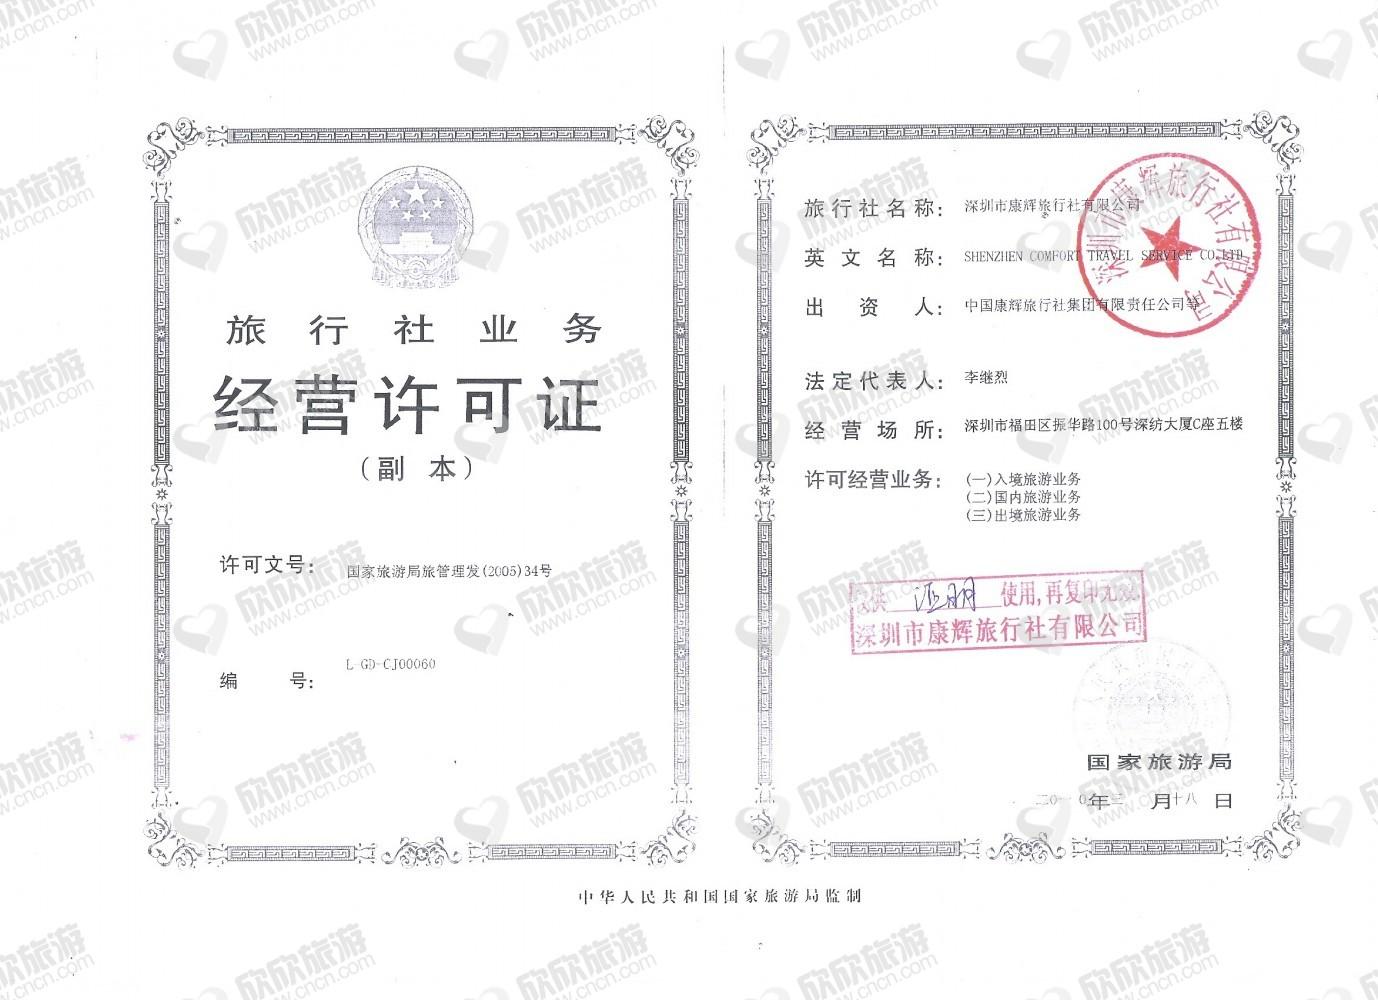 深圳市康辉旅行社有限公司经营许可证